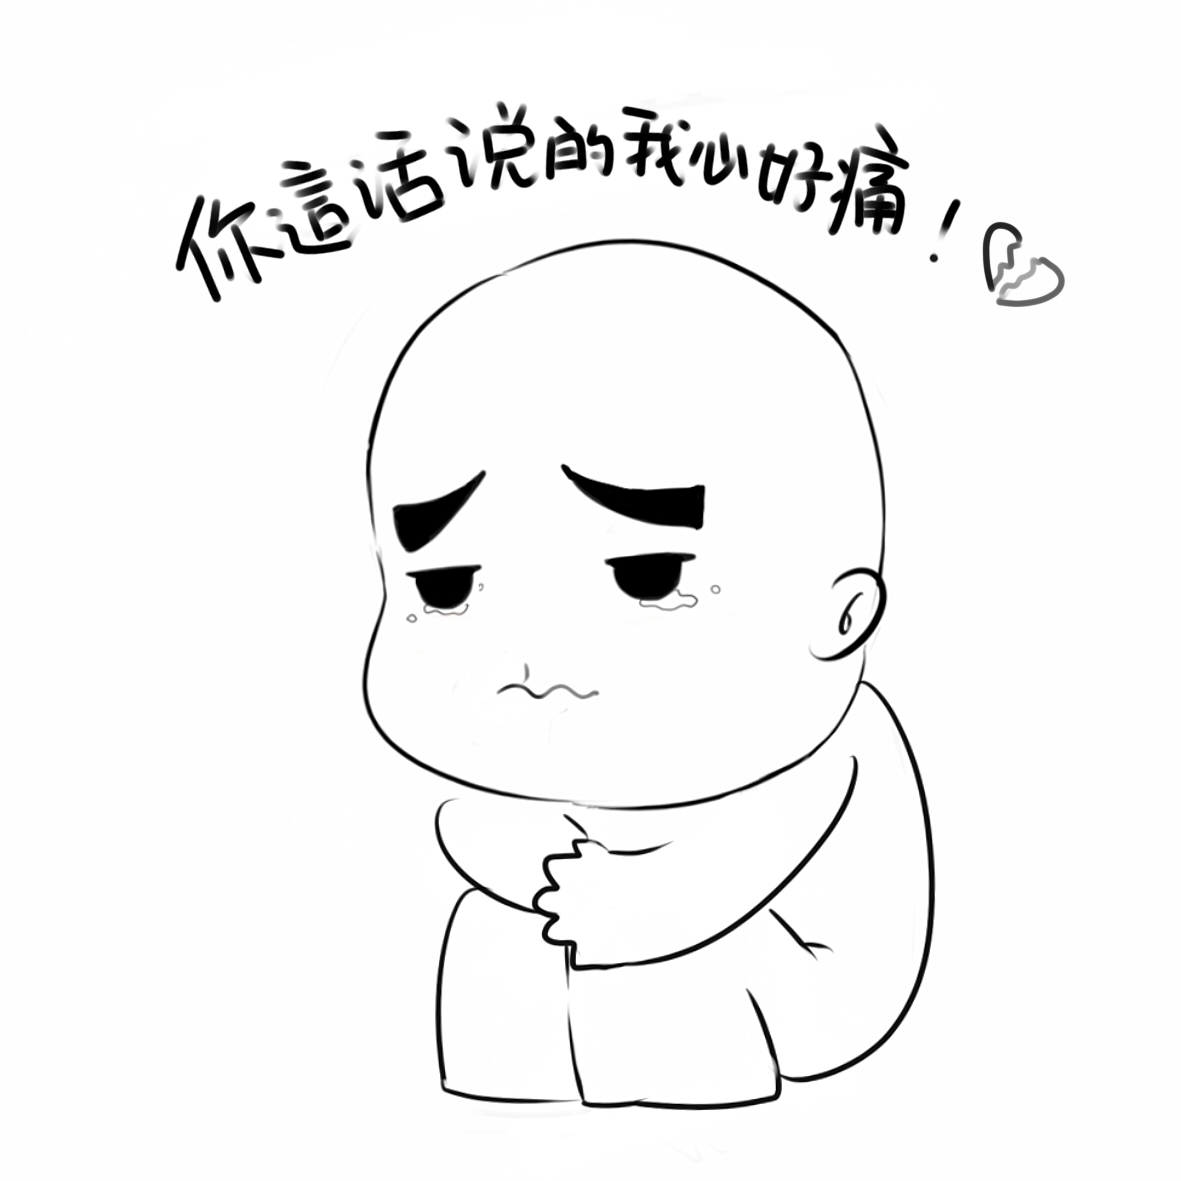 动漫 简笔画 卡通 漫画 手绘 头像 线稿 1181_1181